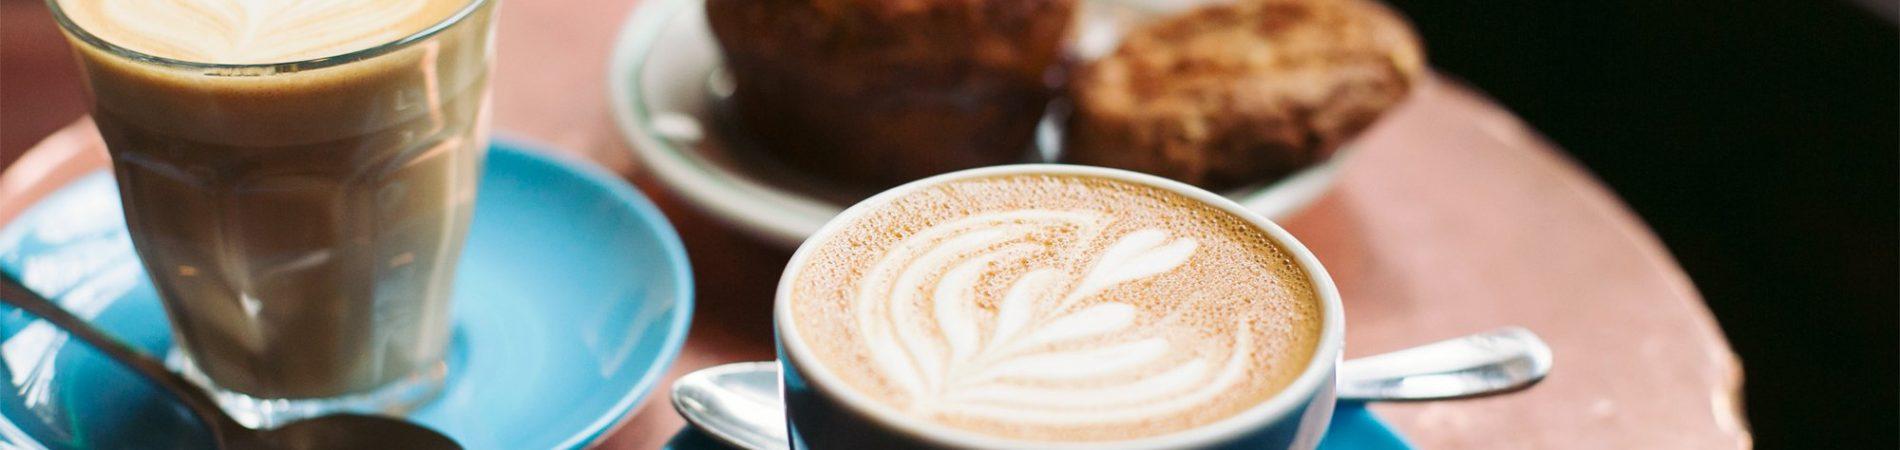 Coffee with Niclole